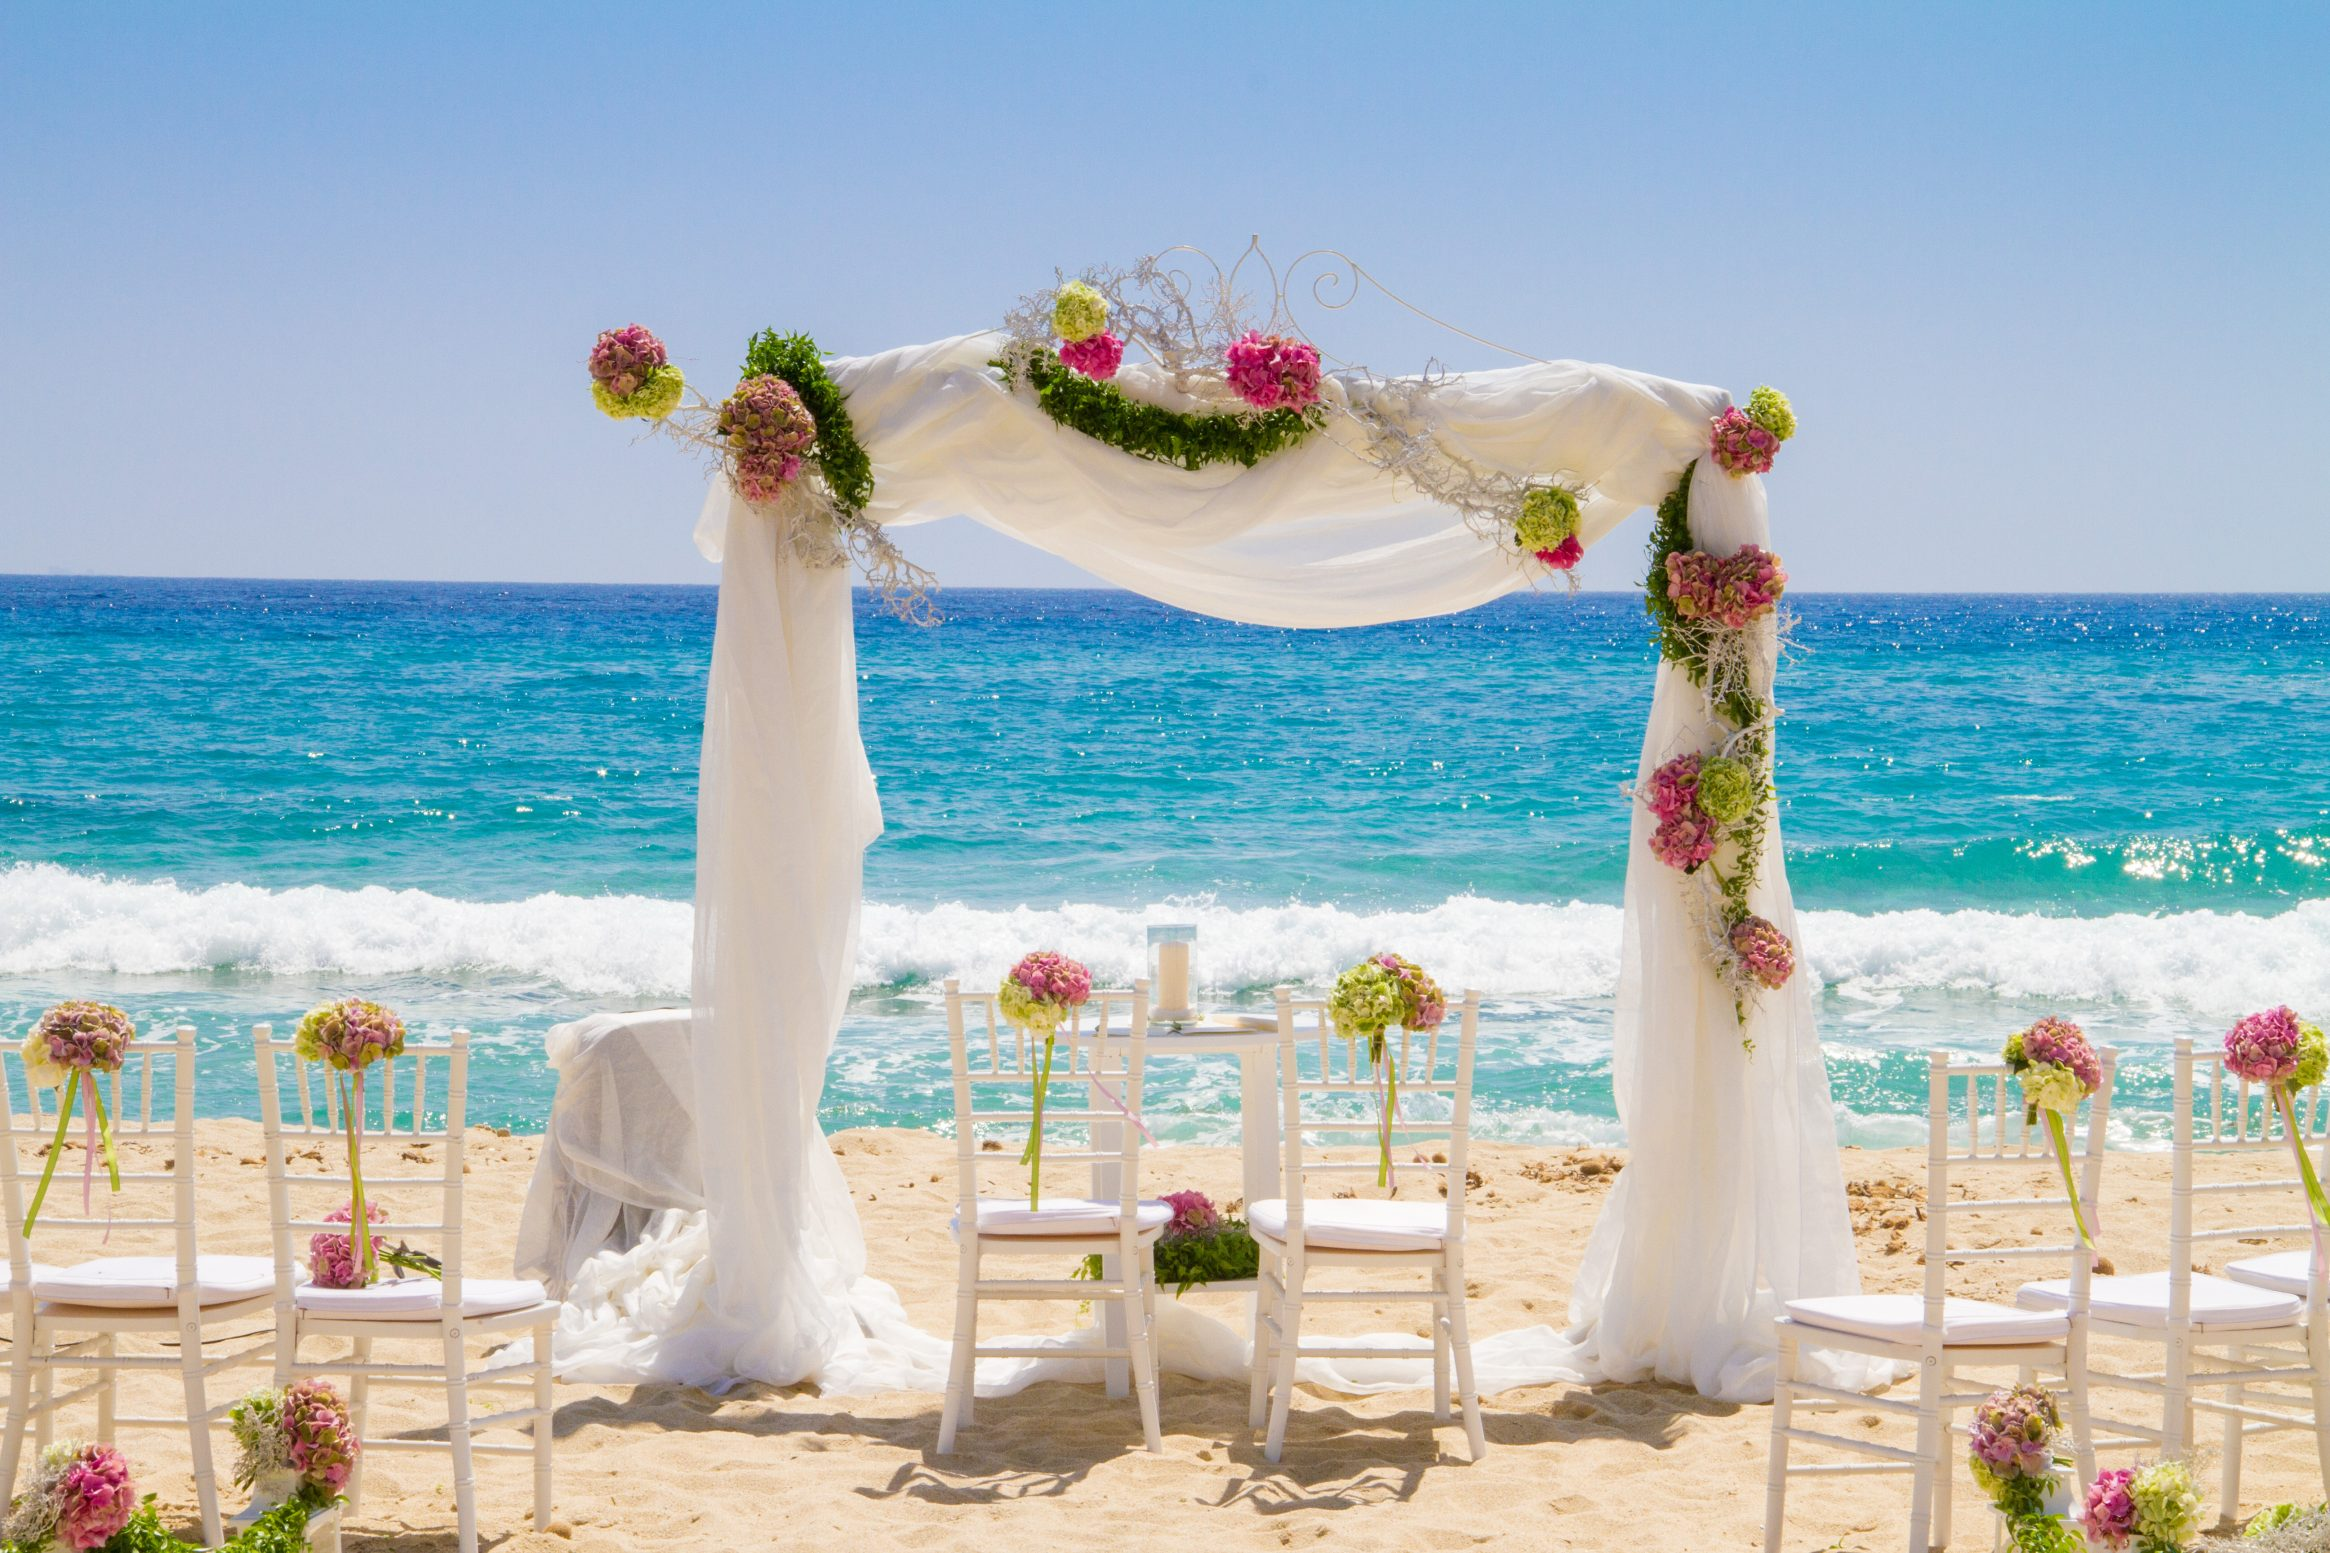 Matrimonio On Spiaggia : Matrimonio in spiaggia paola repetto consoli wedding